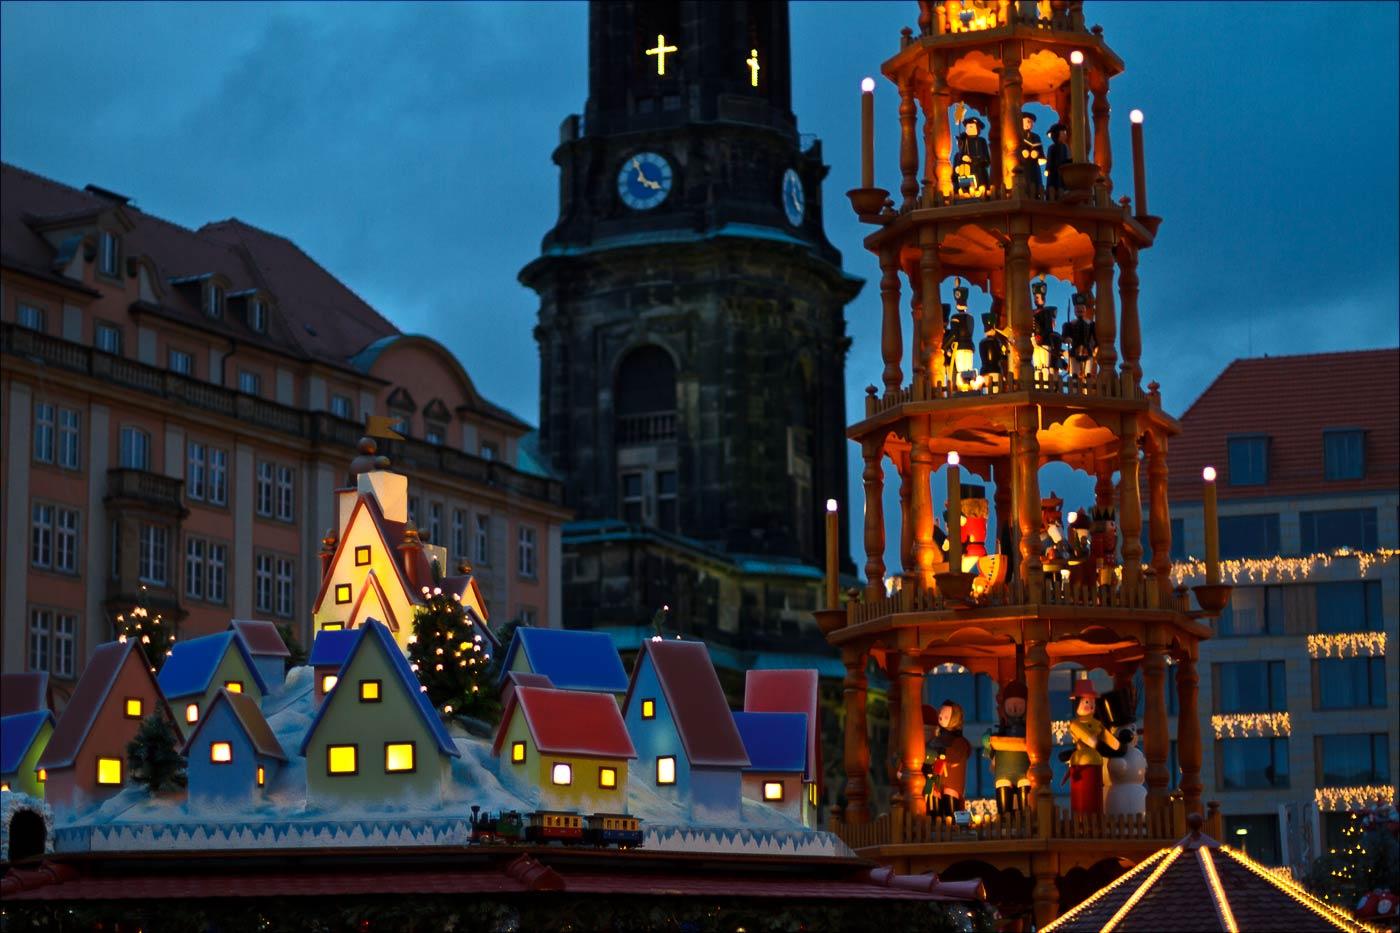 http://countryczech.com/wp-content/uploads/2015/12/photos/20111217-170055_Dresden.jpg